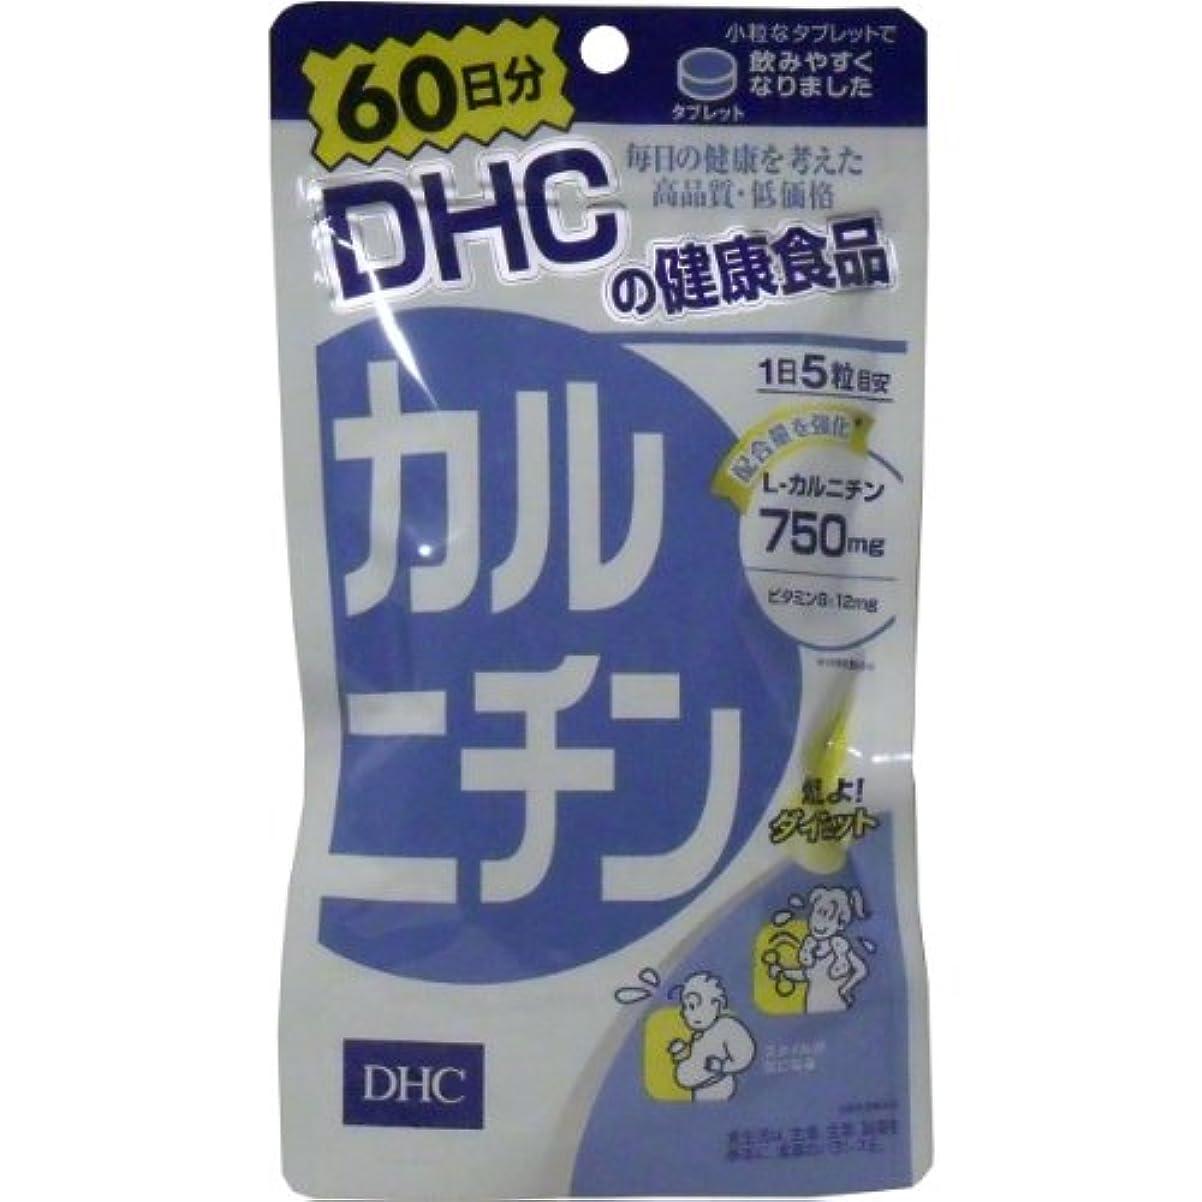 期限欺く長くするDHC カルニチン 300粒 60日分 ×3個セット